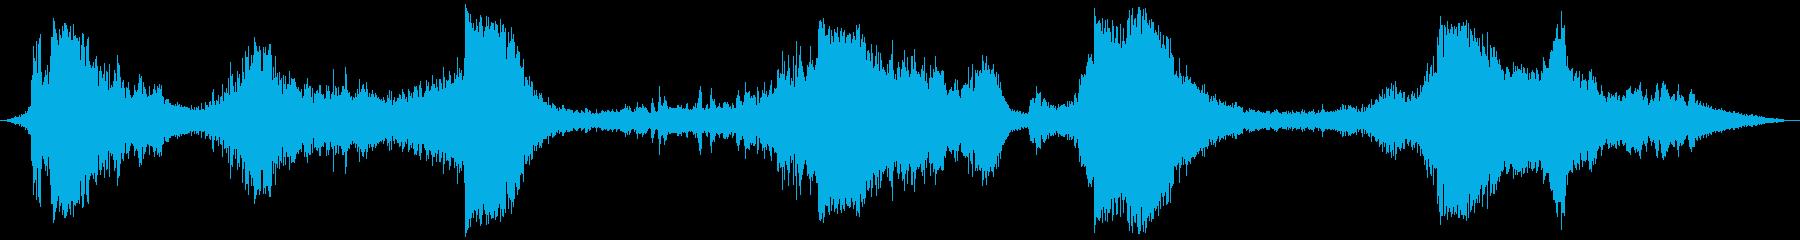 【ホラー CM】 殺戮の霊視 03の再生済みの波形